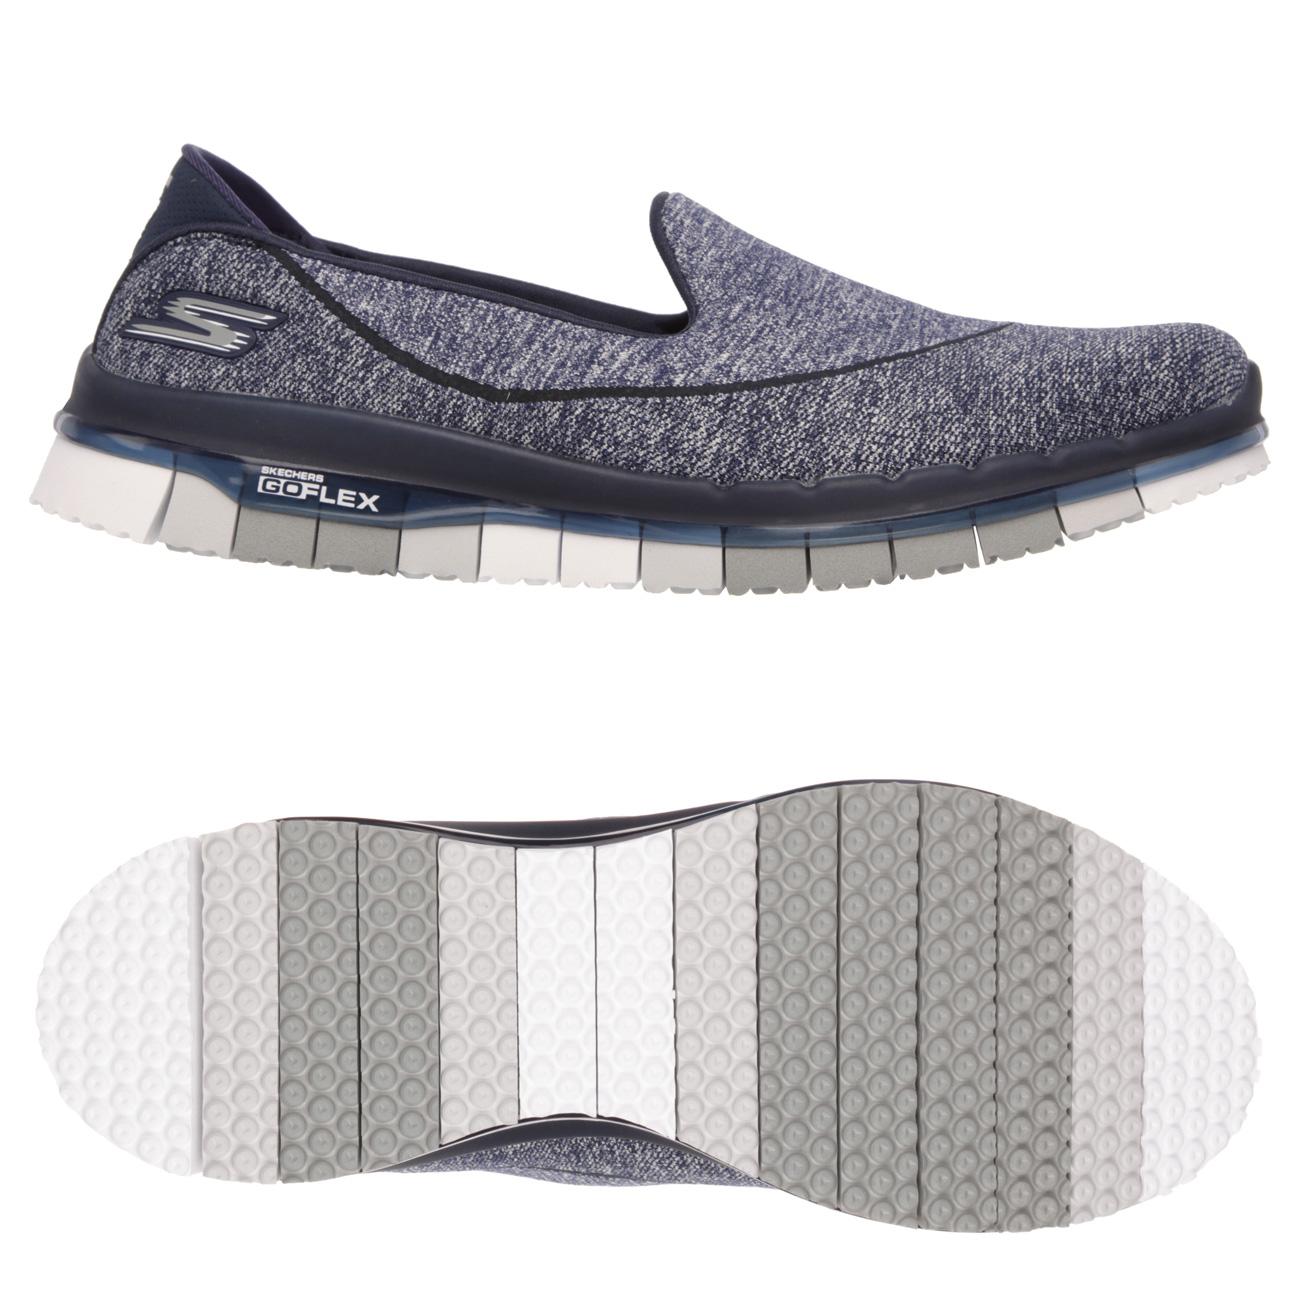 Skechers Go Flex Ladies Walking Shoes  NavyGrey 8 UK